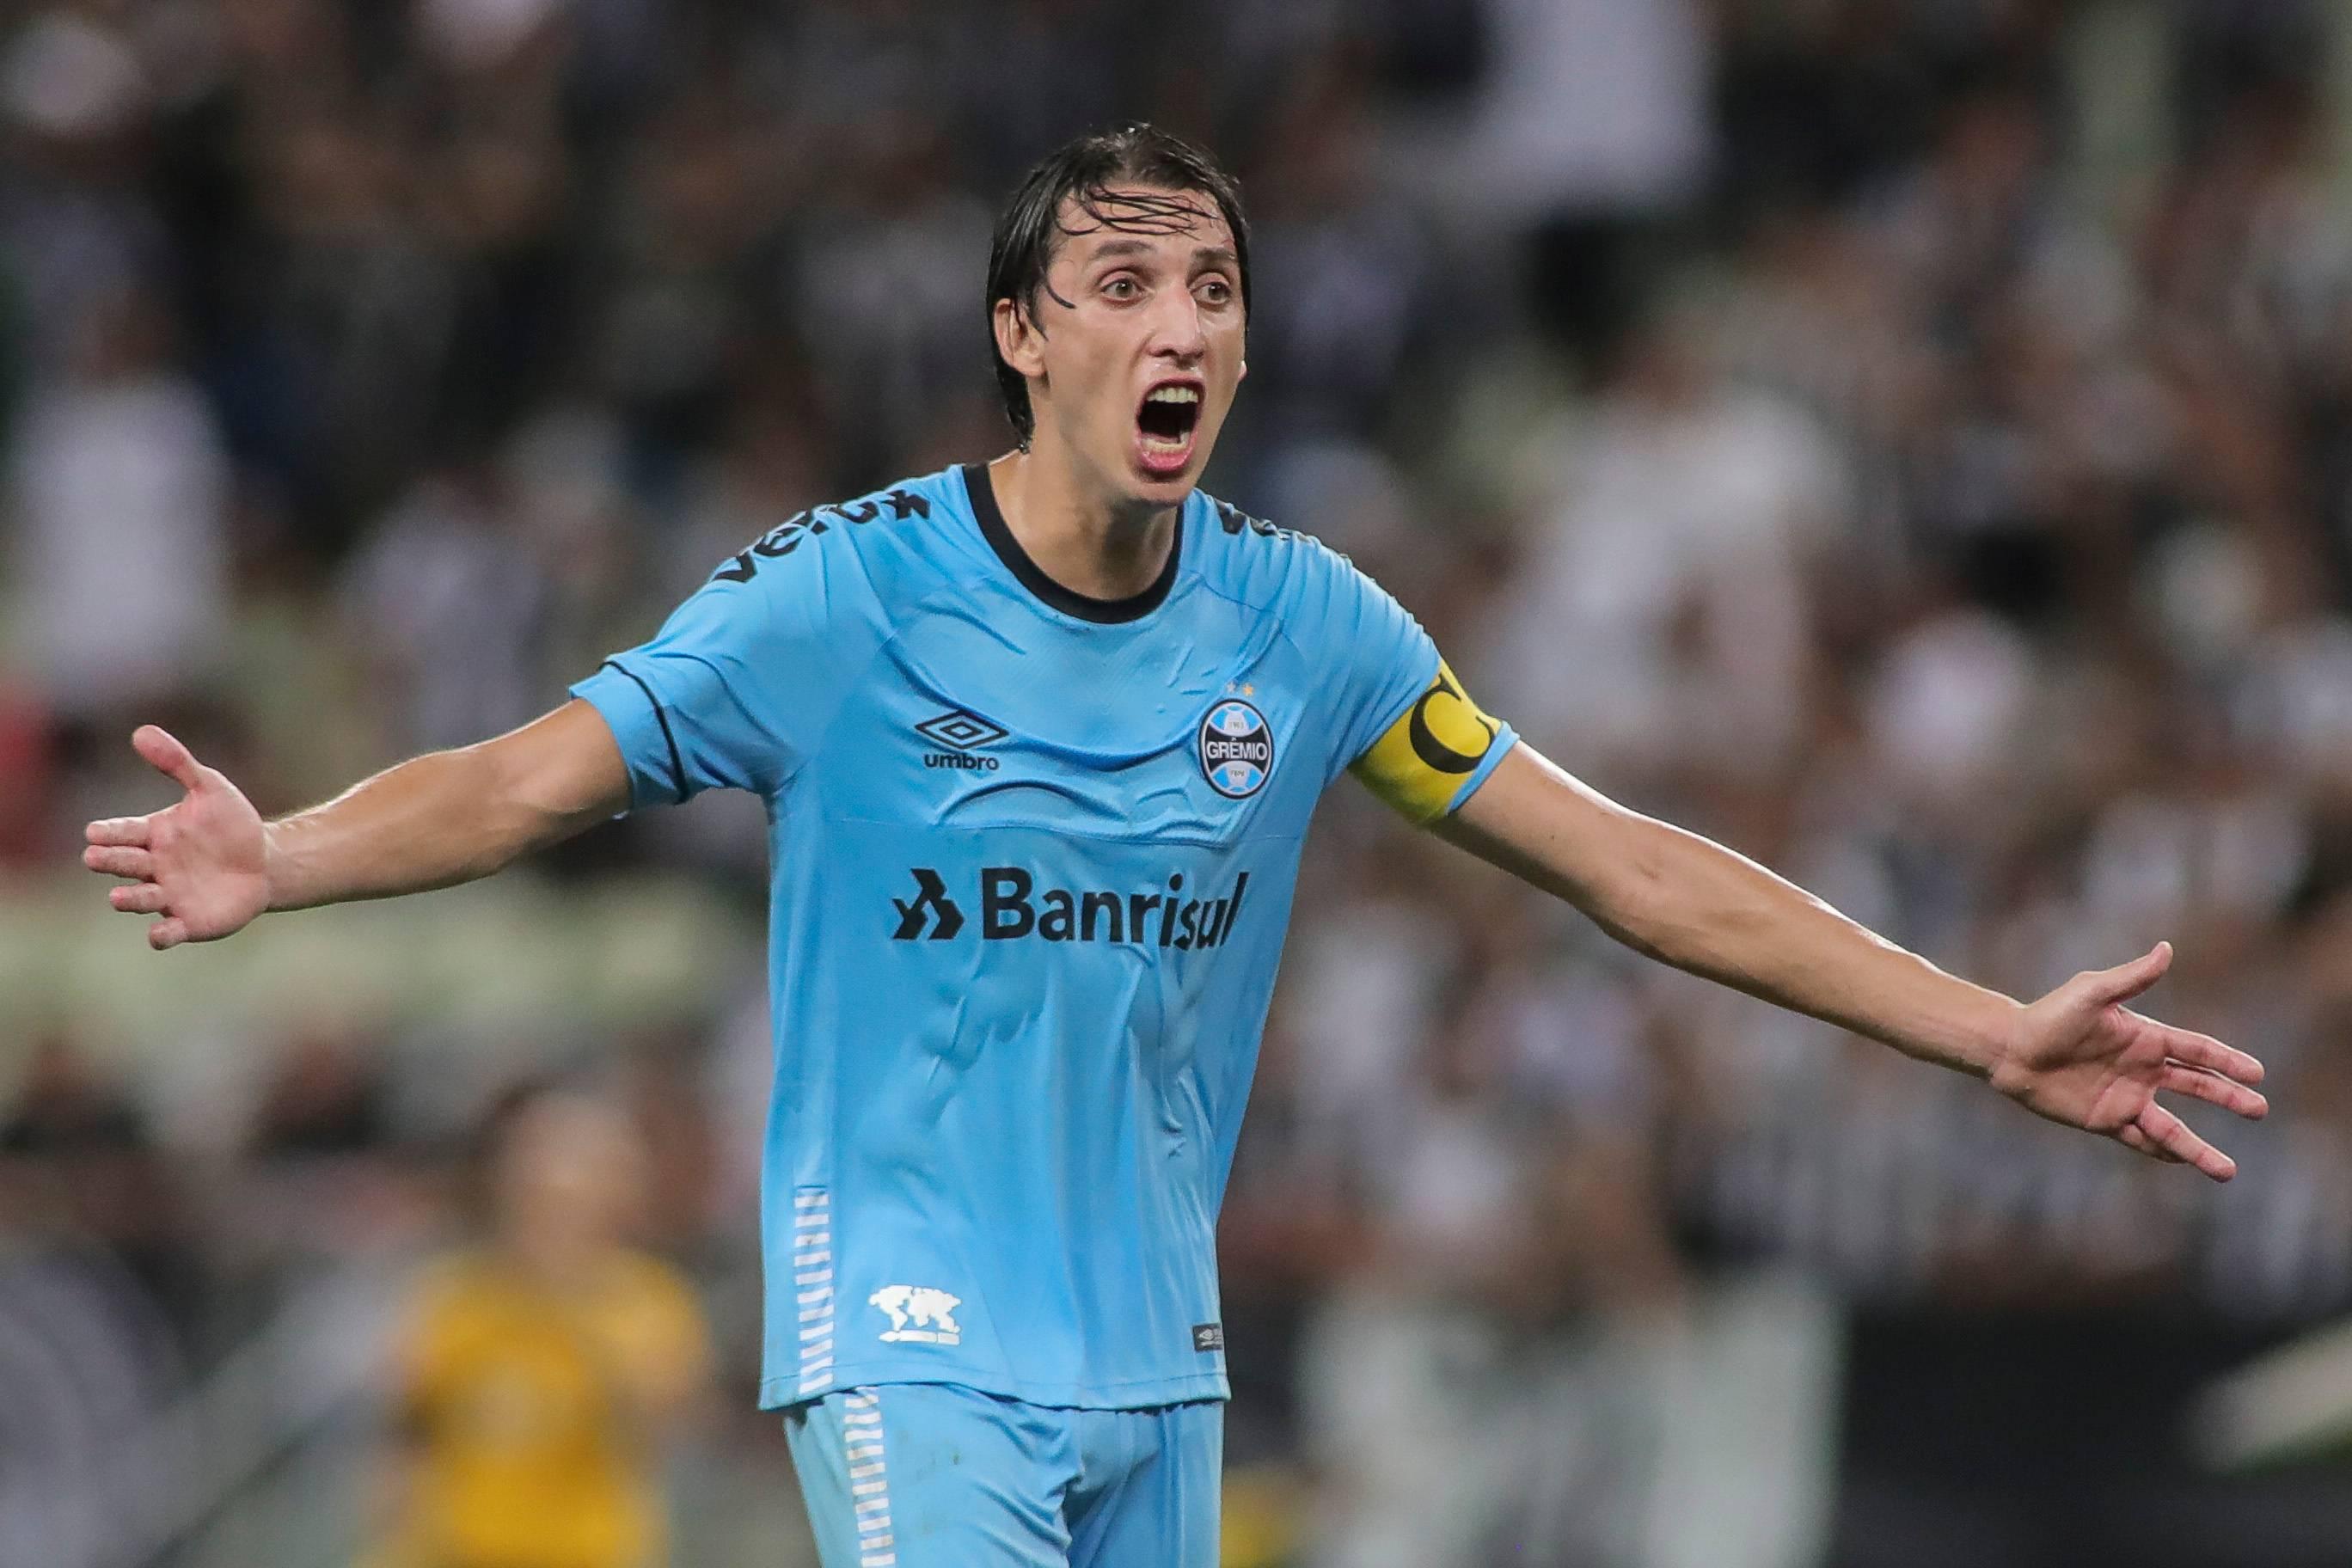 Pedro Geromel, do Grêmio, em partida contra o Ceará. Foto: Jarbas Oliveira/Estadão Conteúdo